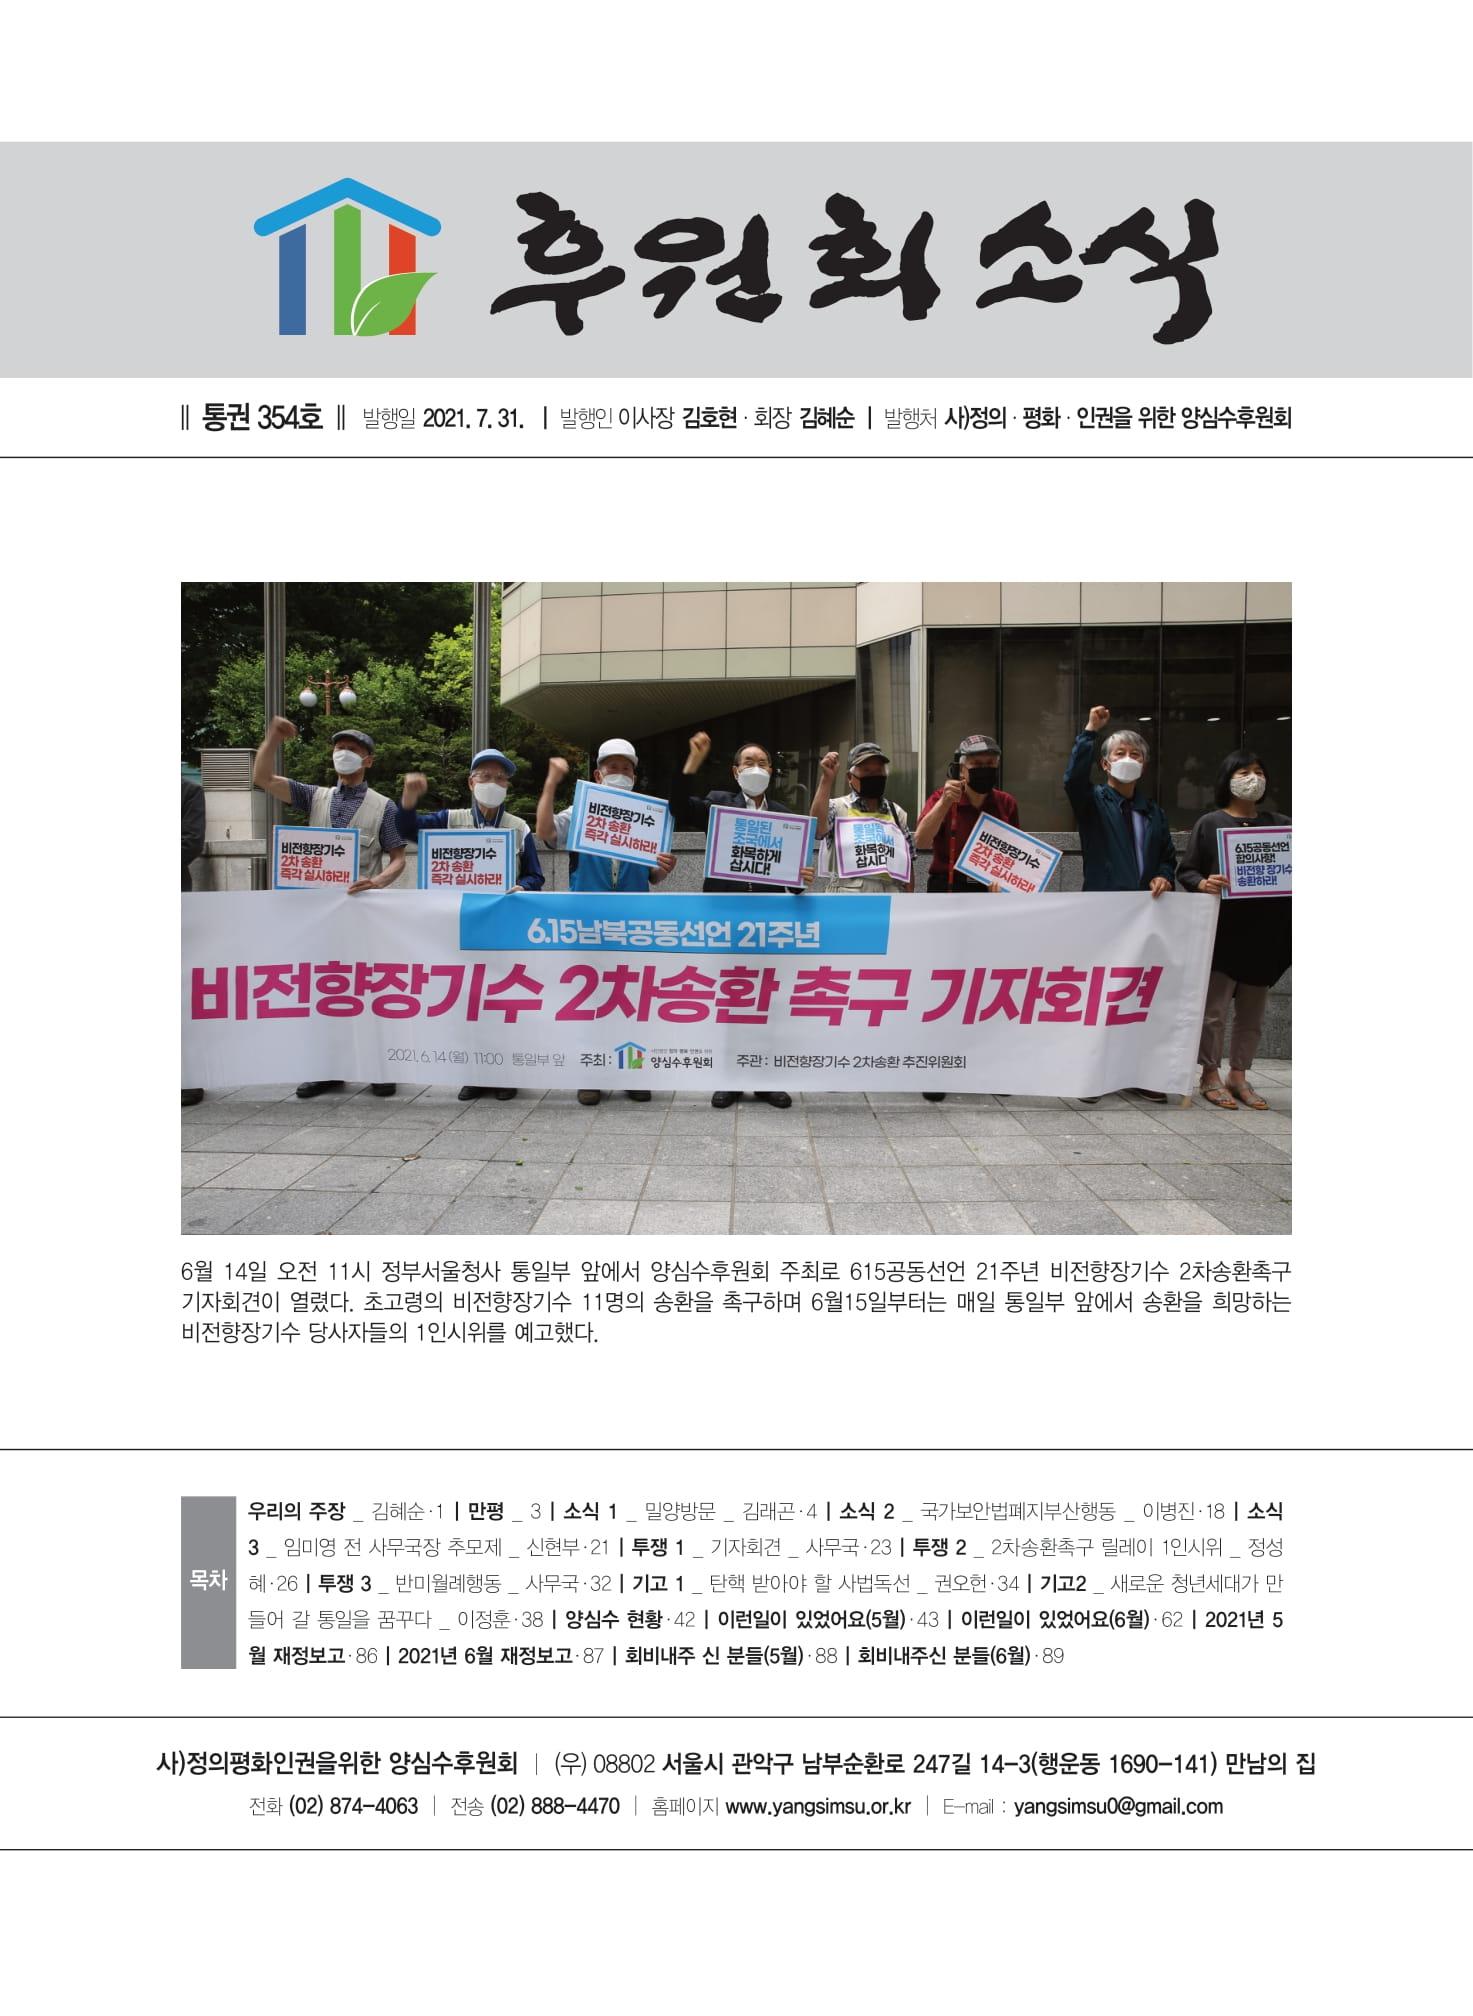 [양심수후원회] 소식지 354호 web 수정-01.jpg